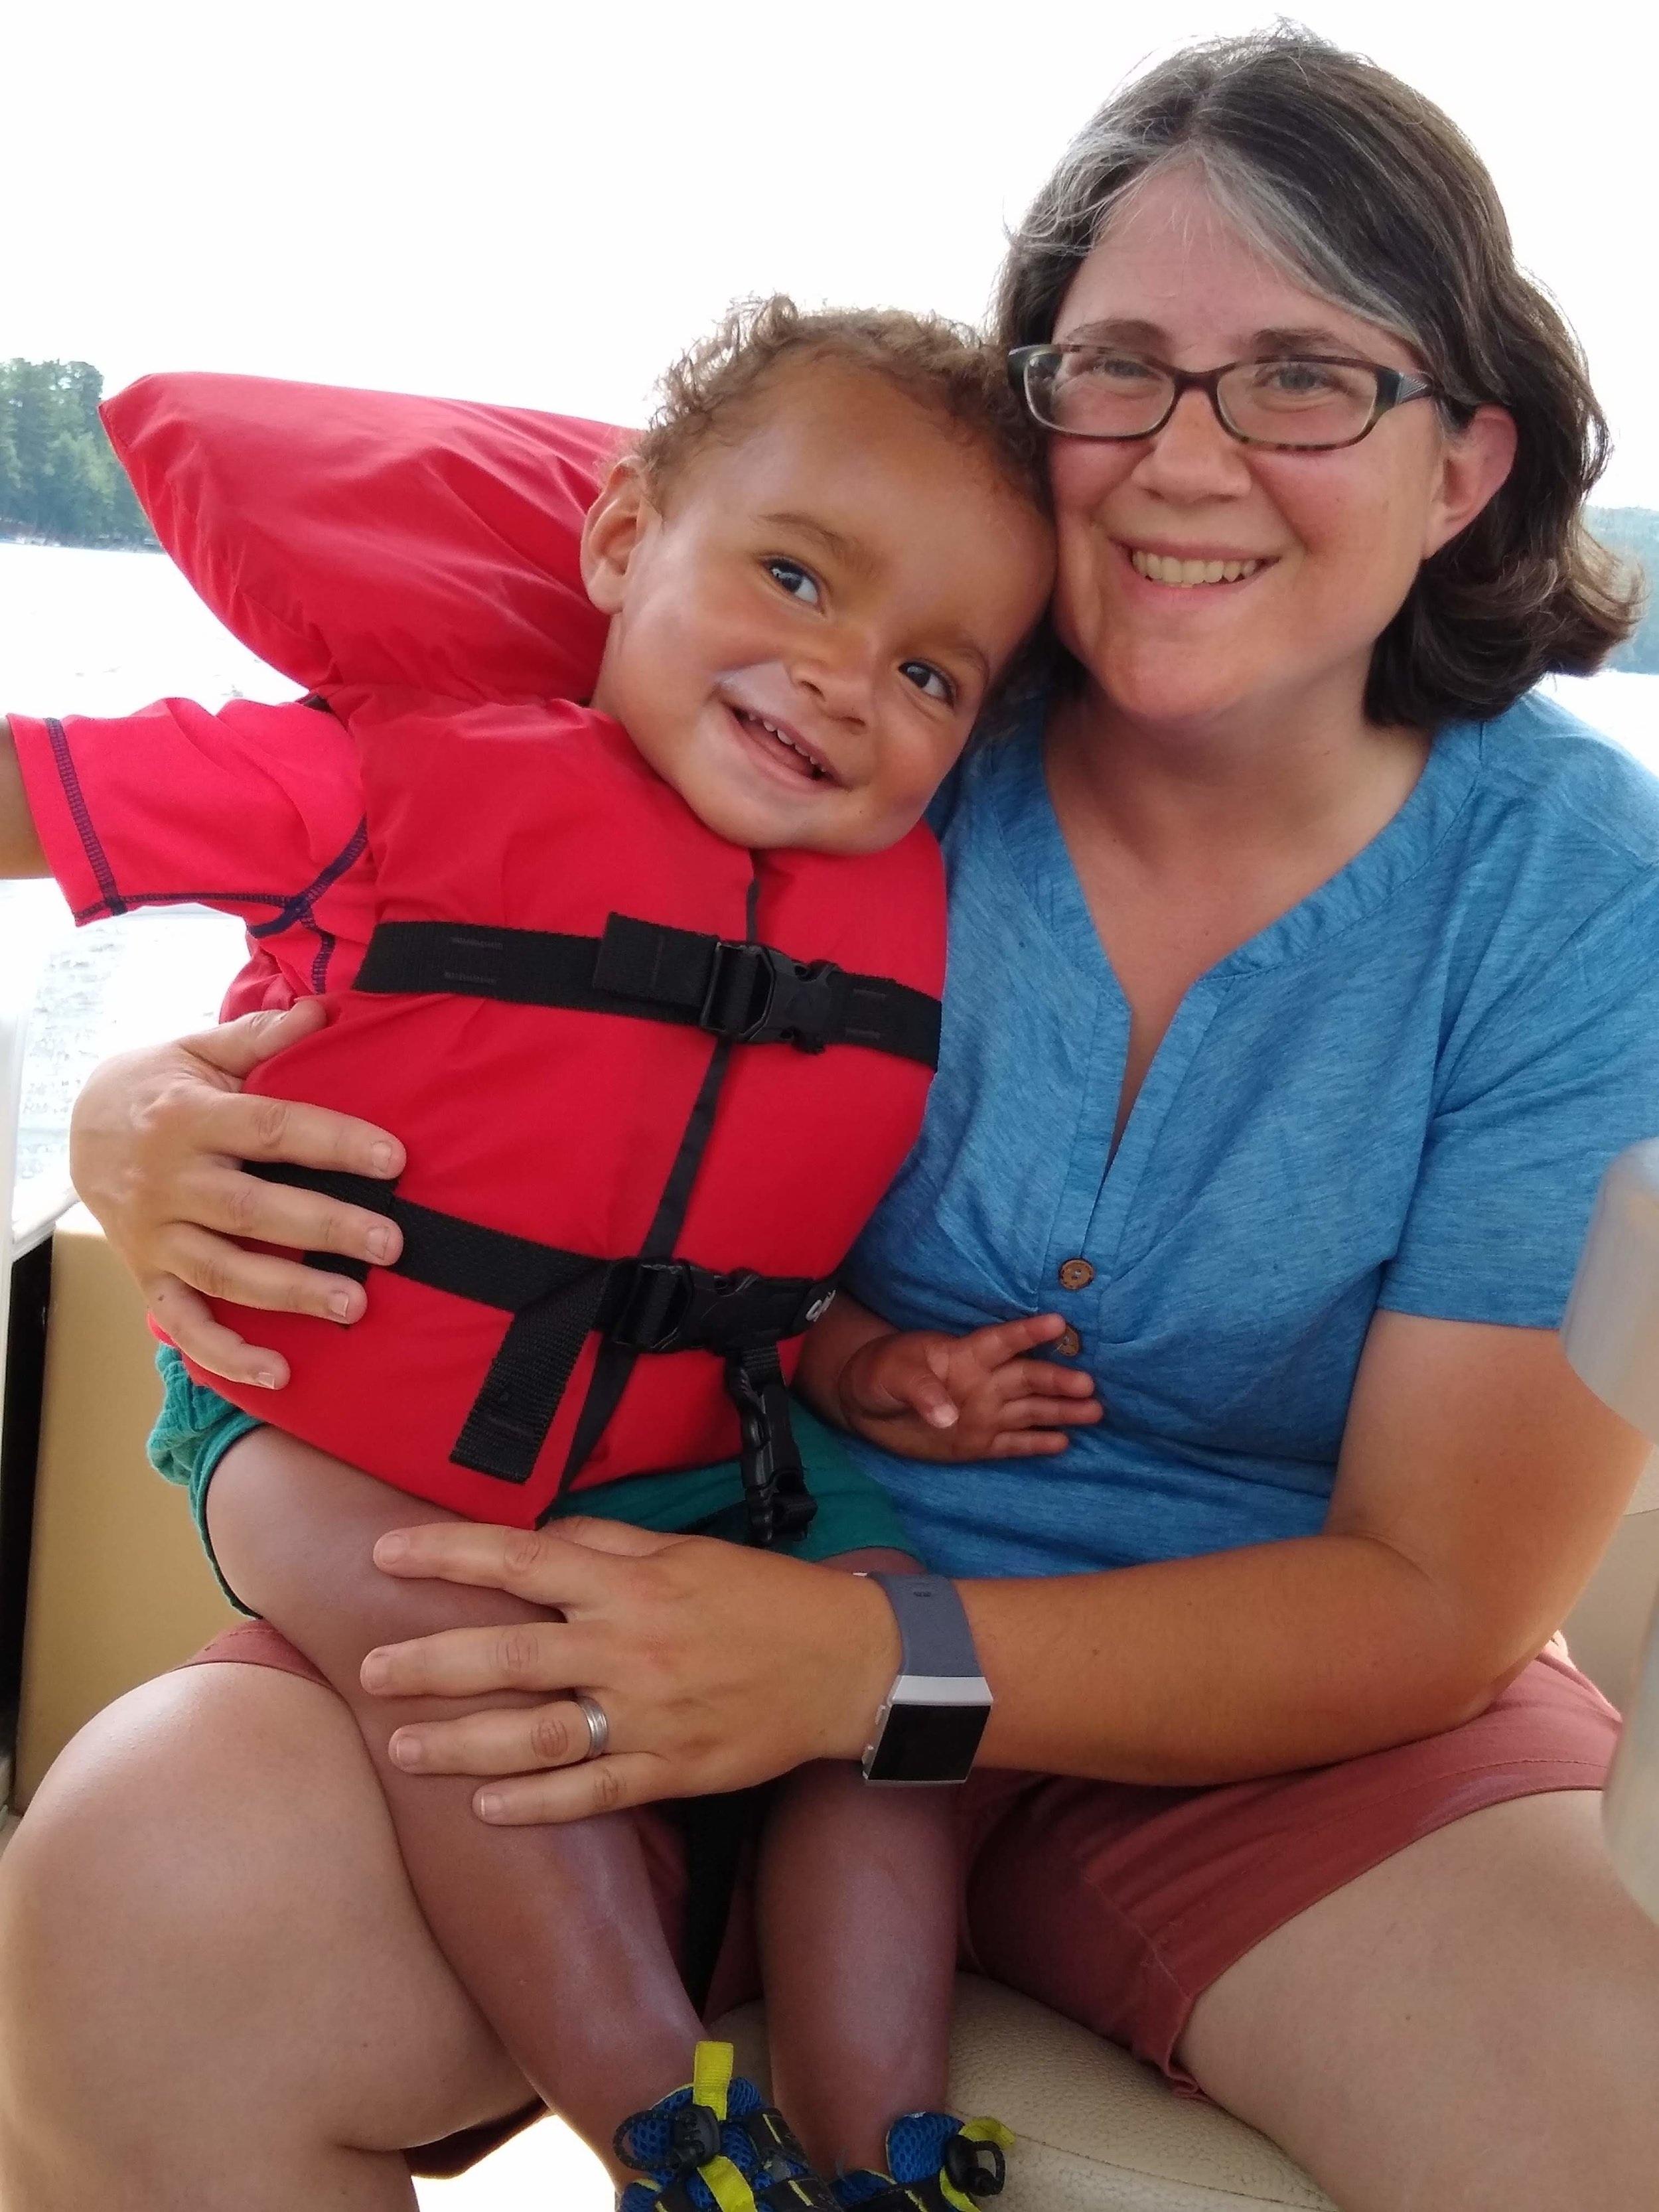 sara and leo enjoying a boat ride at the family lake house